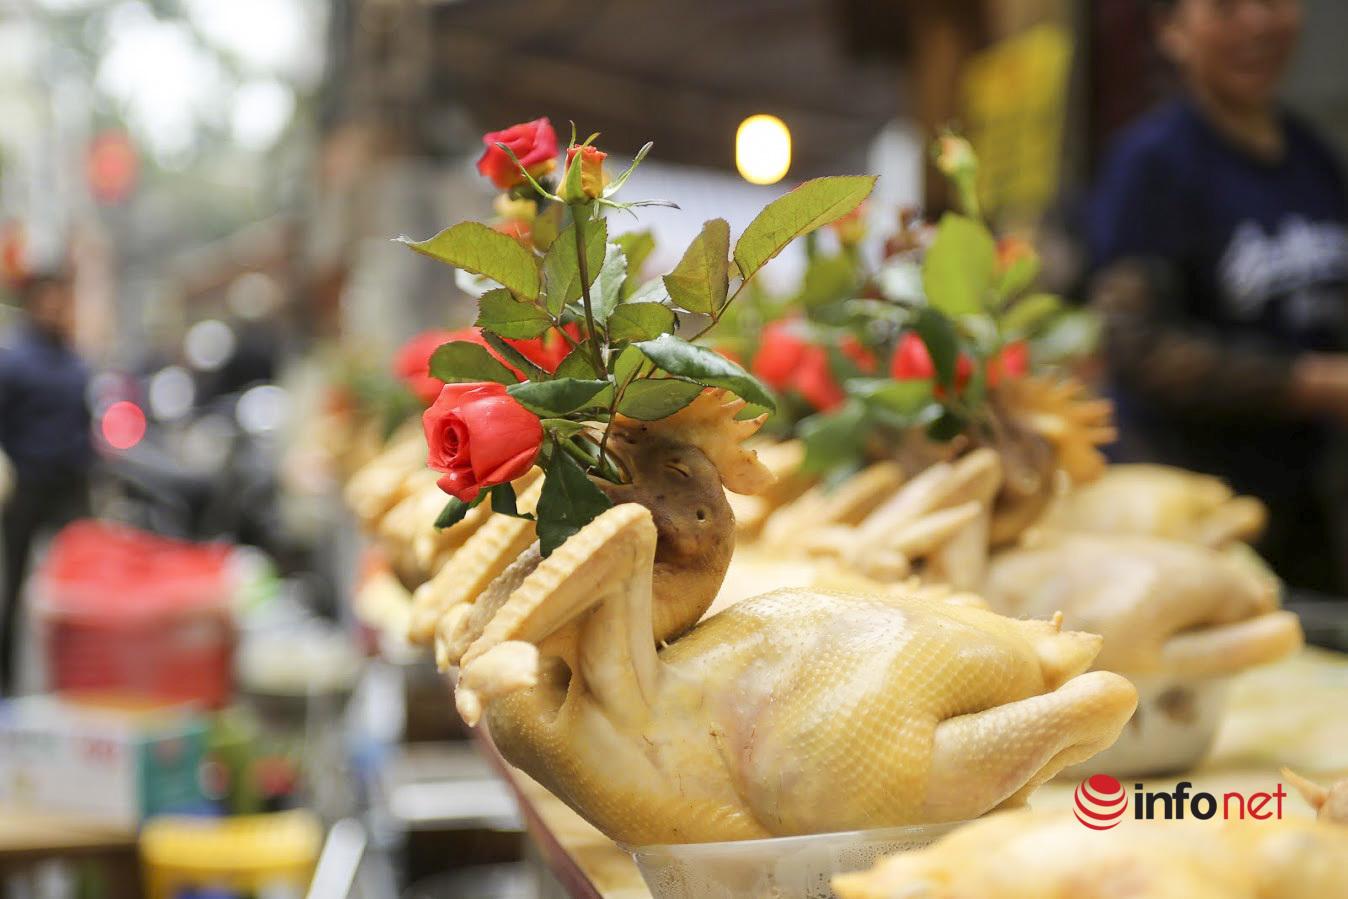 Gà ngậm hoa hồng giá nửa triệu, tiểu thương chợ Hàng Bè bán cả trăm con trong Rằm tháng Chạp